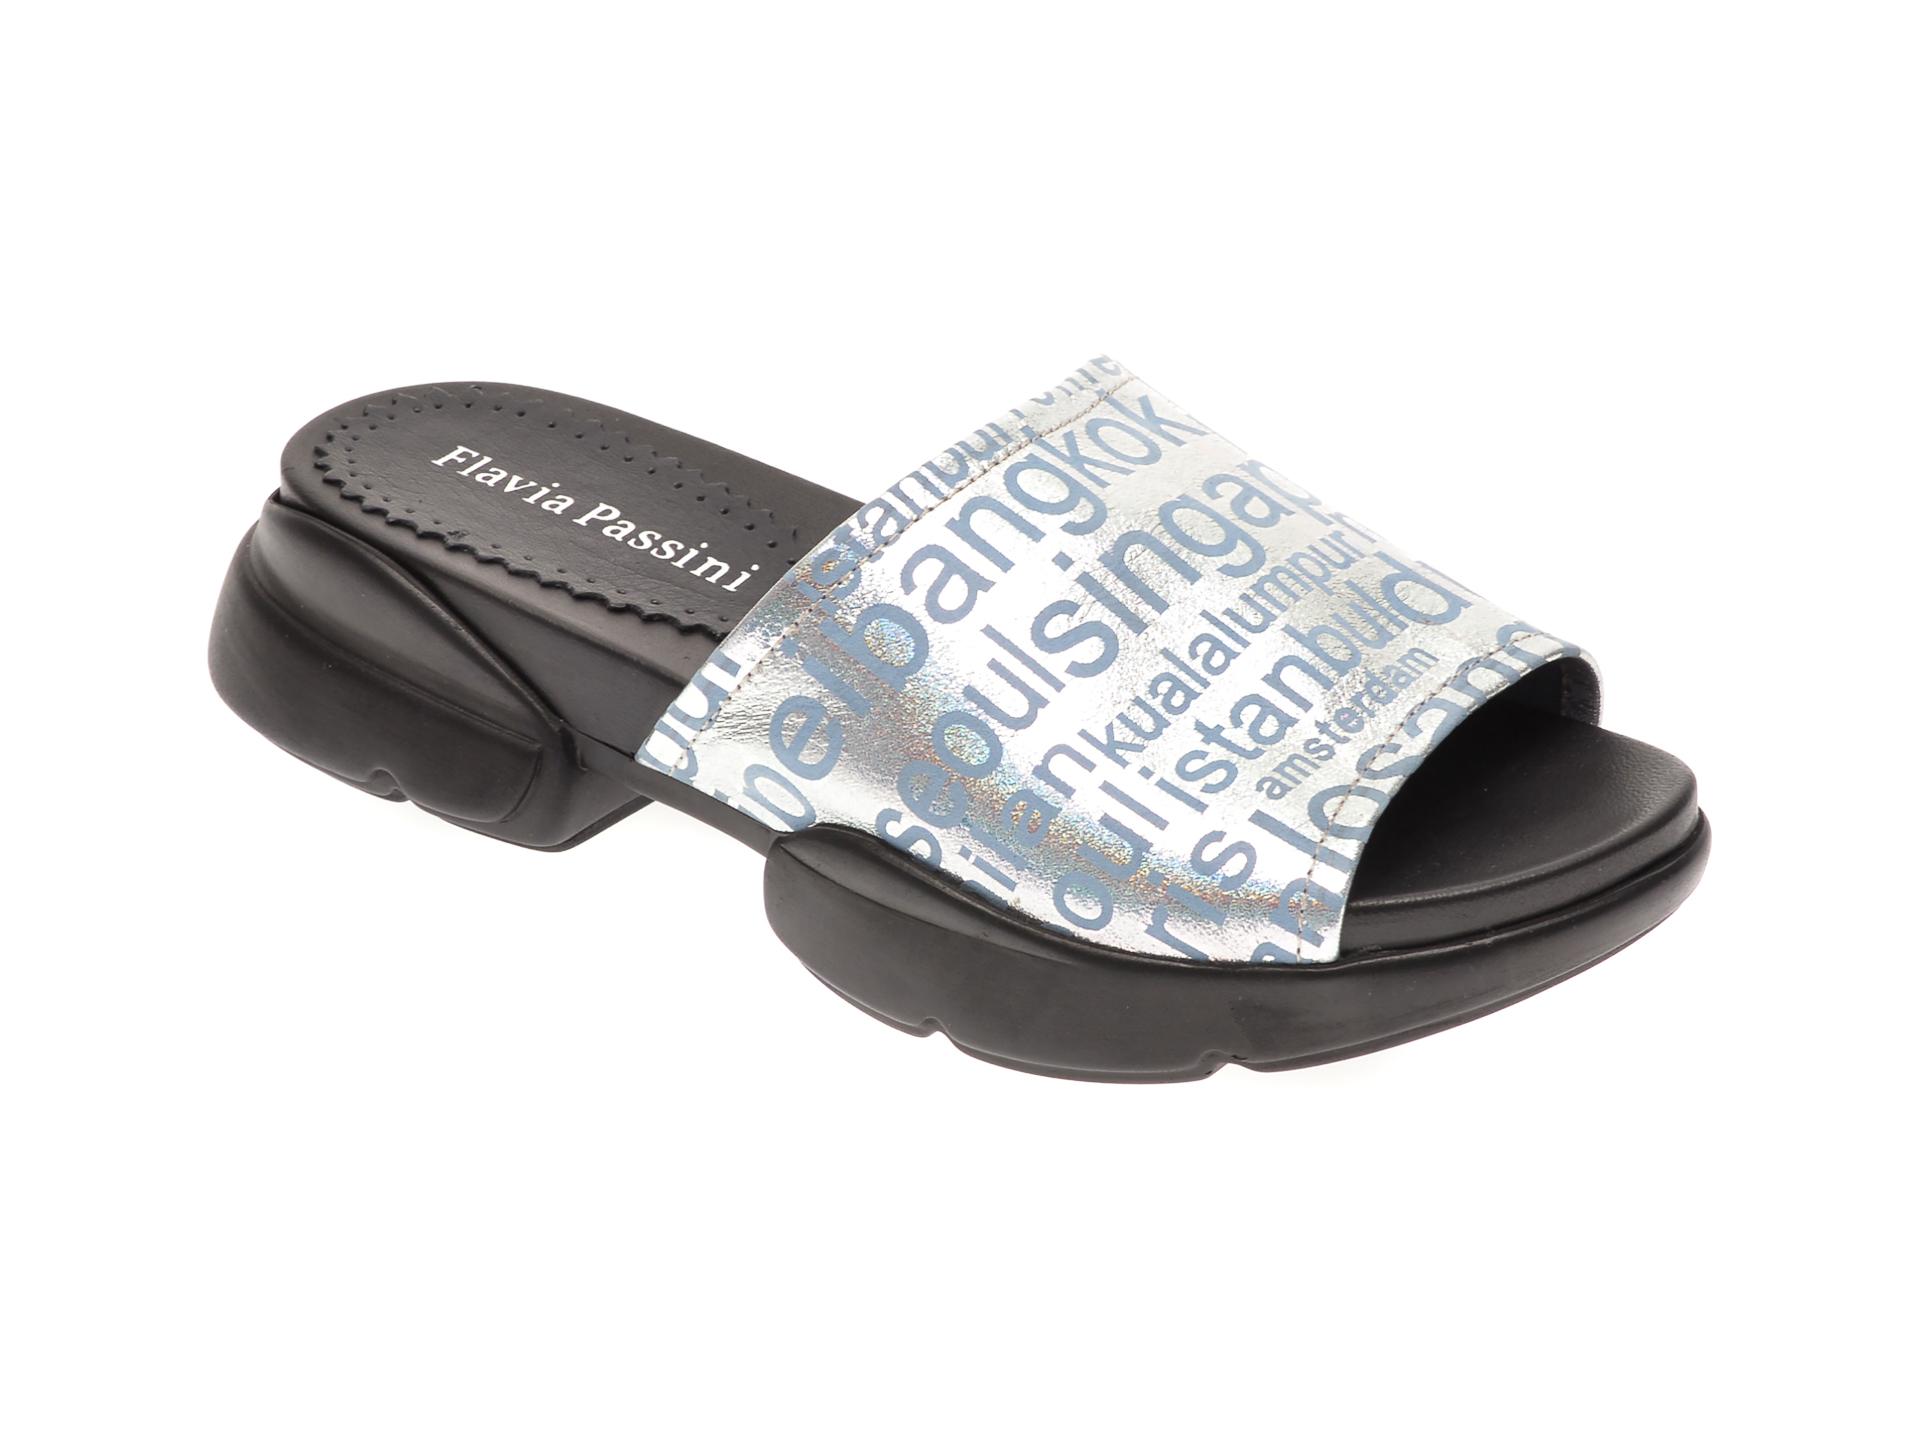 Papuci FLAVIA PASSINI albastri, 1182535, din piele naturala